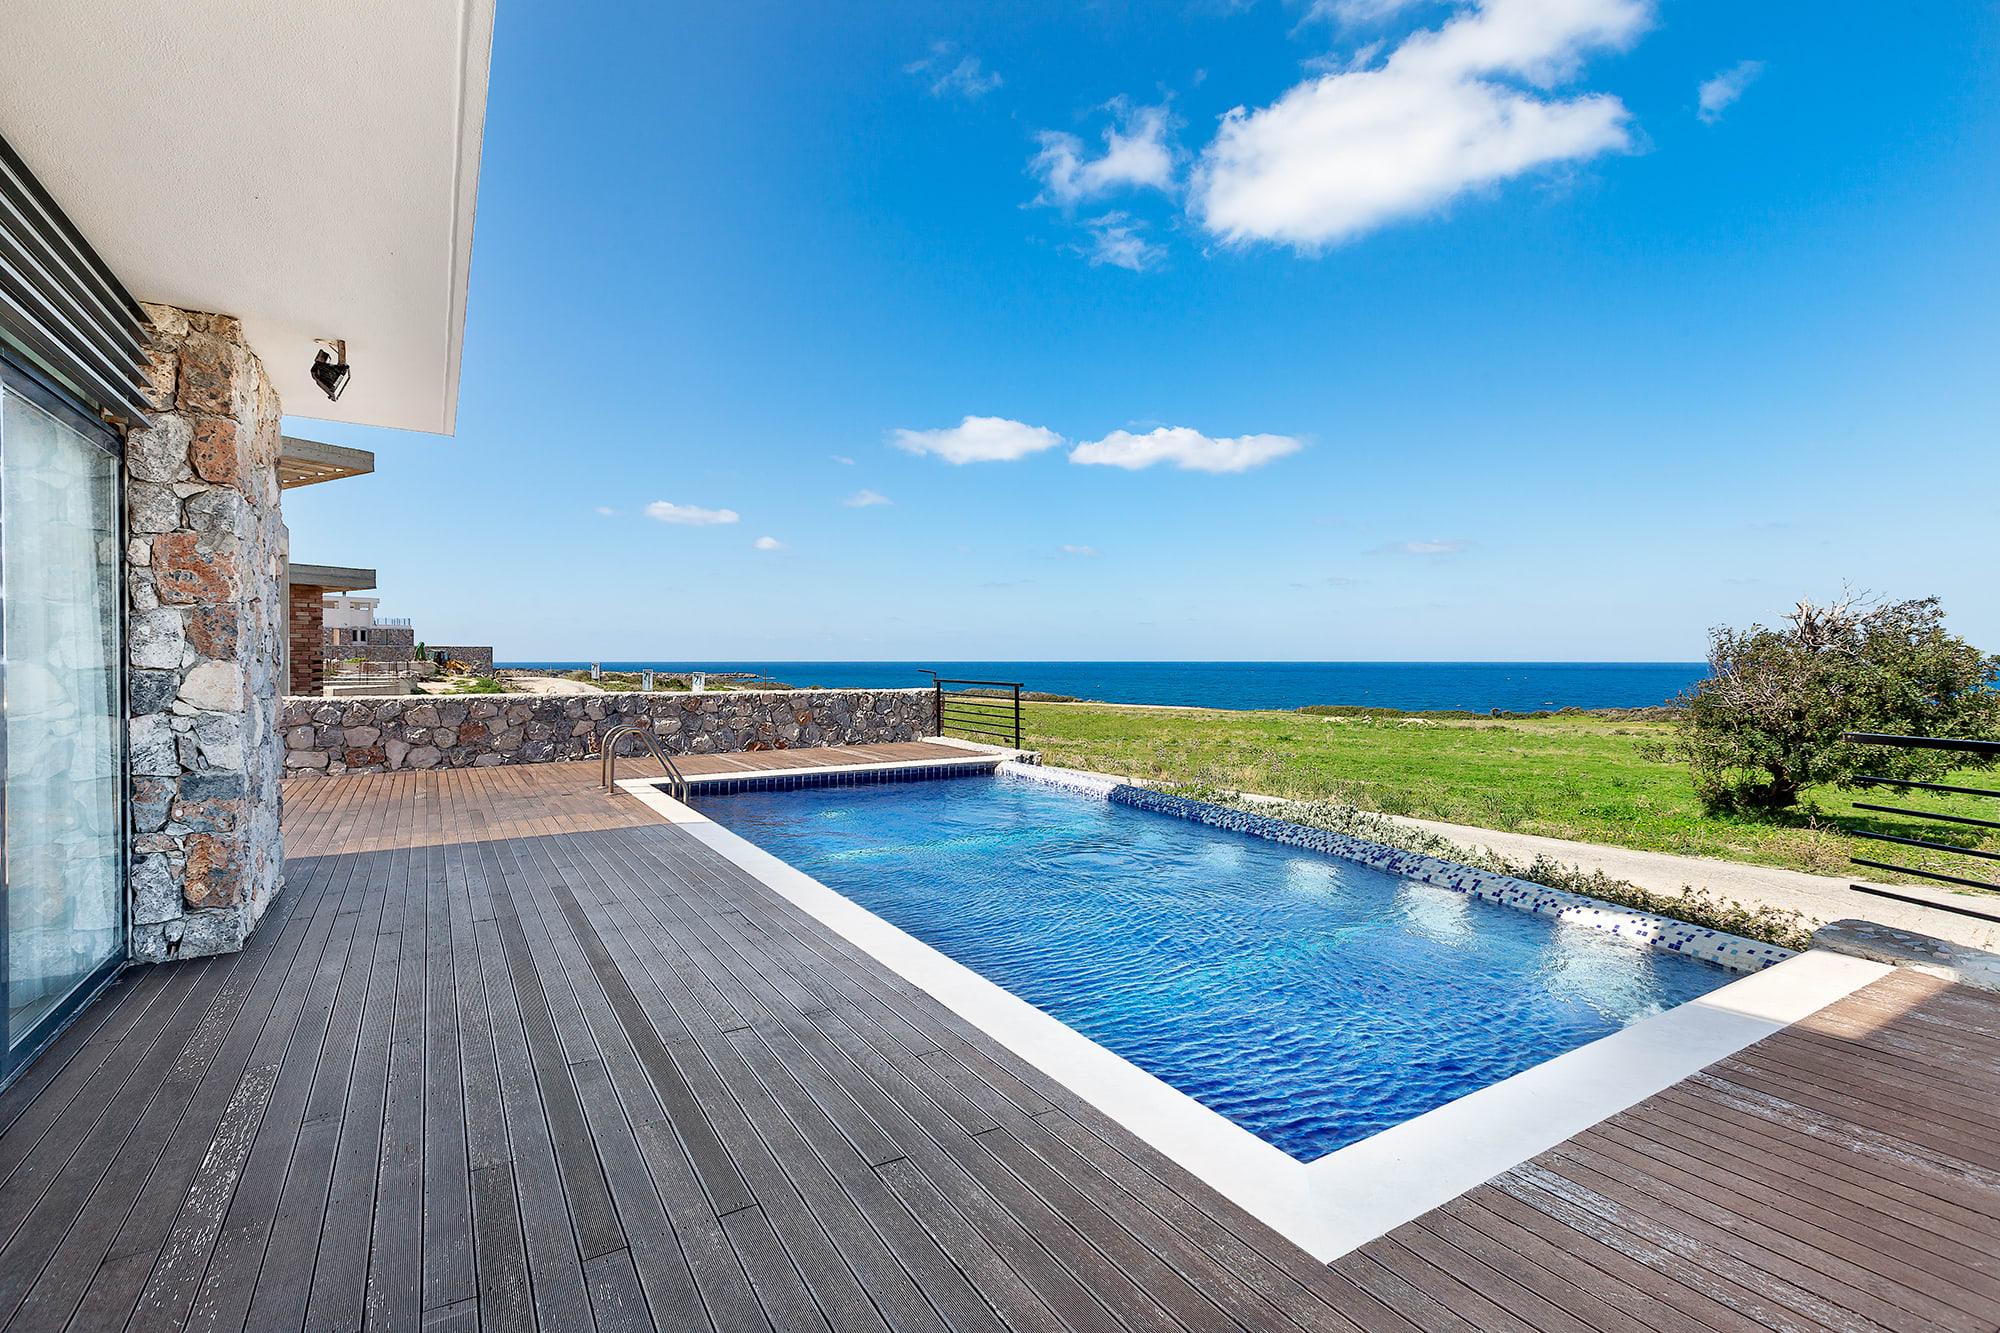 Bahçeli'de Satılık Denize Sıfır 3 Yatak Odalı ve Özel Havuzlu Villalar 9858